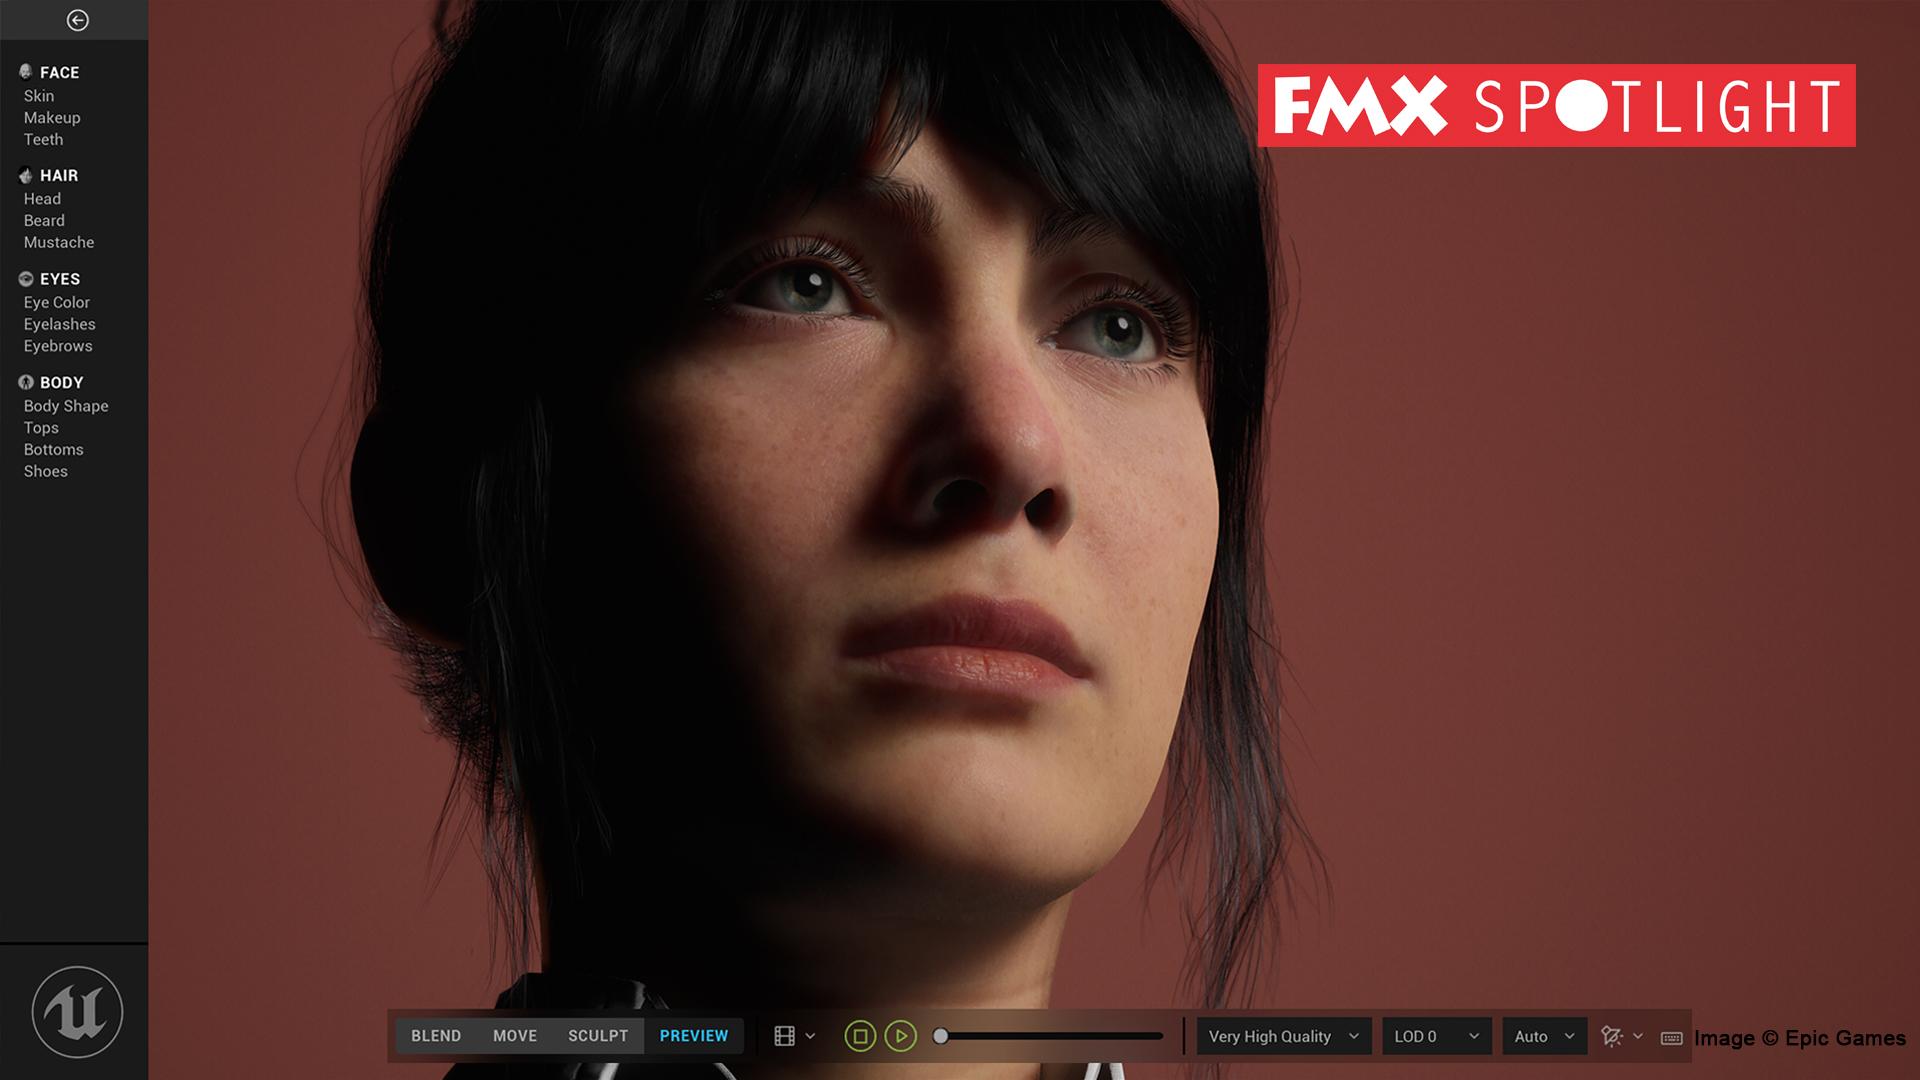 FMX Spotlight on DIGITAL HUMANS